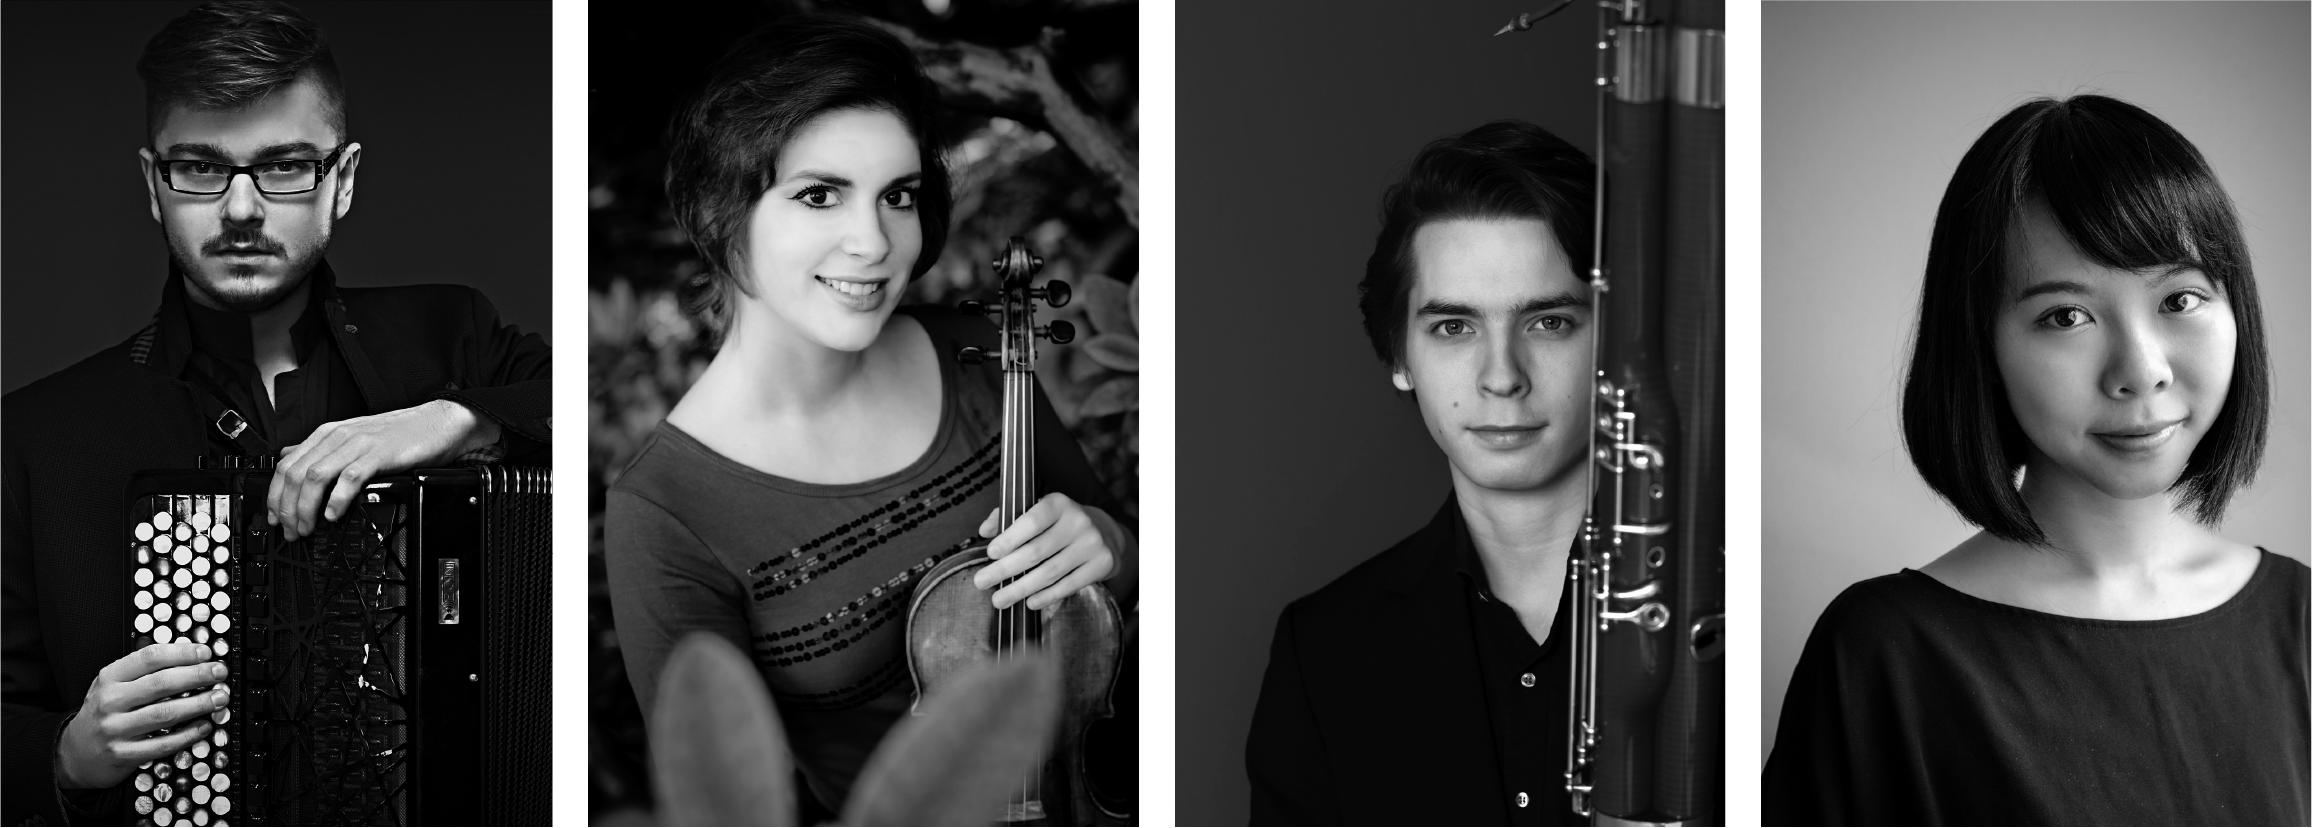 Maciej Frąckiewicz, Ioana Cristina Goicea & Theo Plath